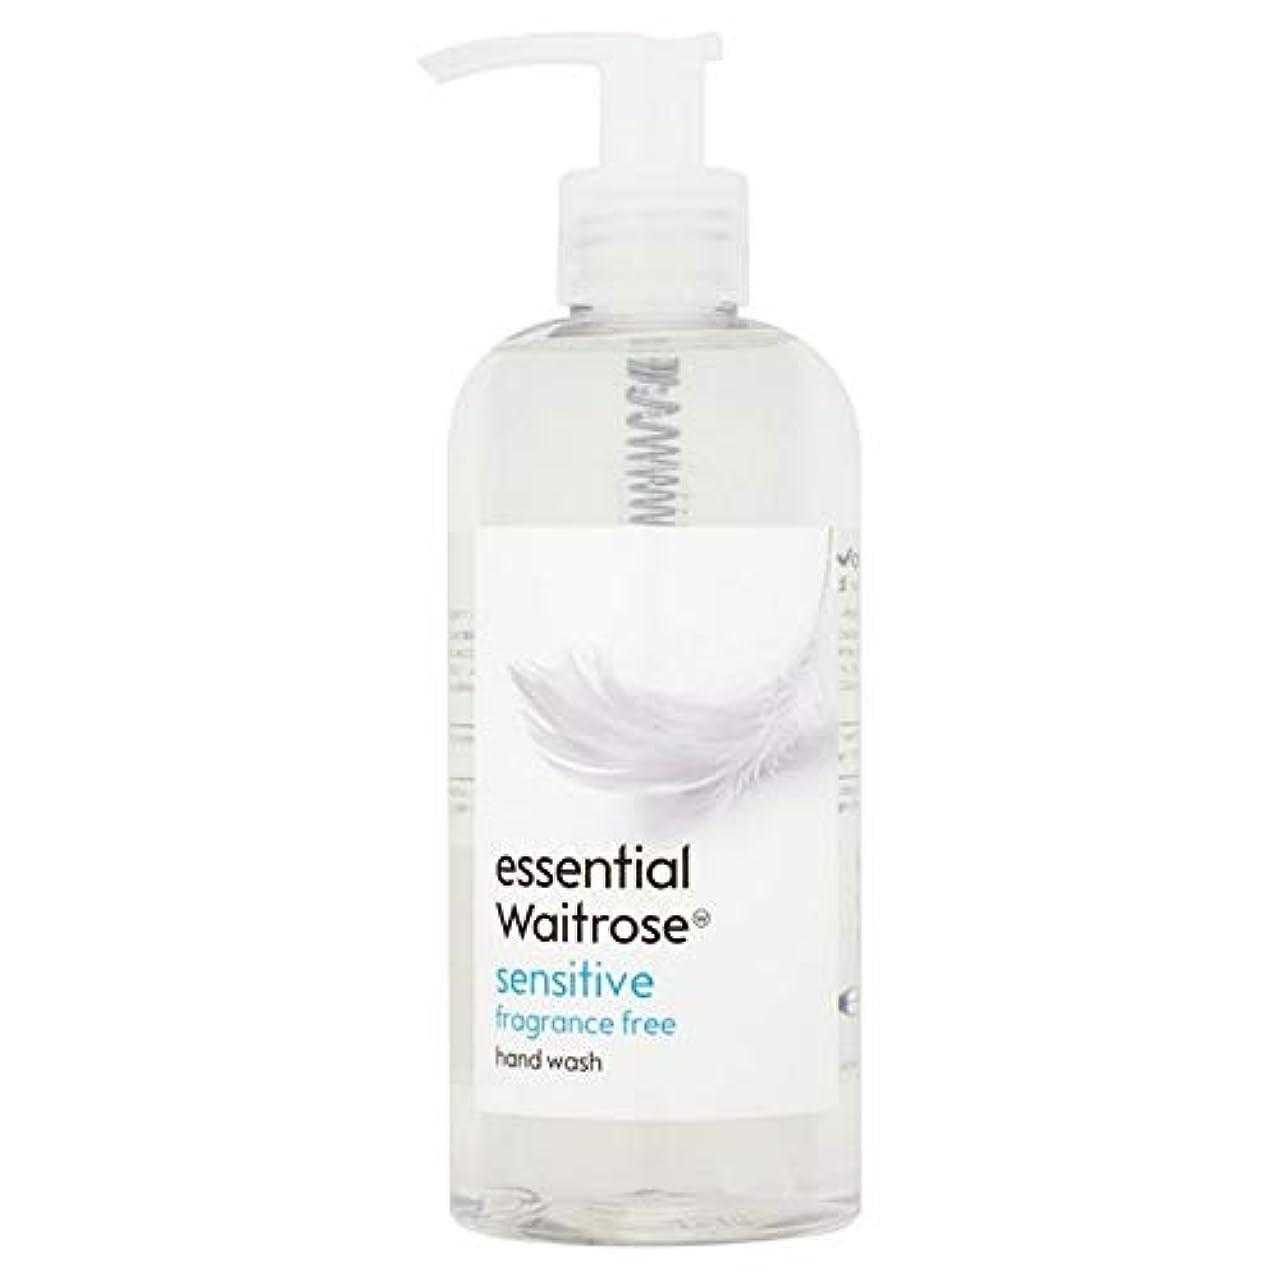 カストディアン狂人センサー[Waitrose ] 基本的なウェイトローズのハンドウォッシュ敏感な300ミリリットル - Essential Waitrose Hand Wash Sensitive 300ml [並行輸入品]